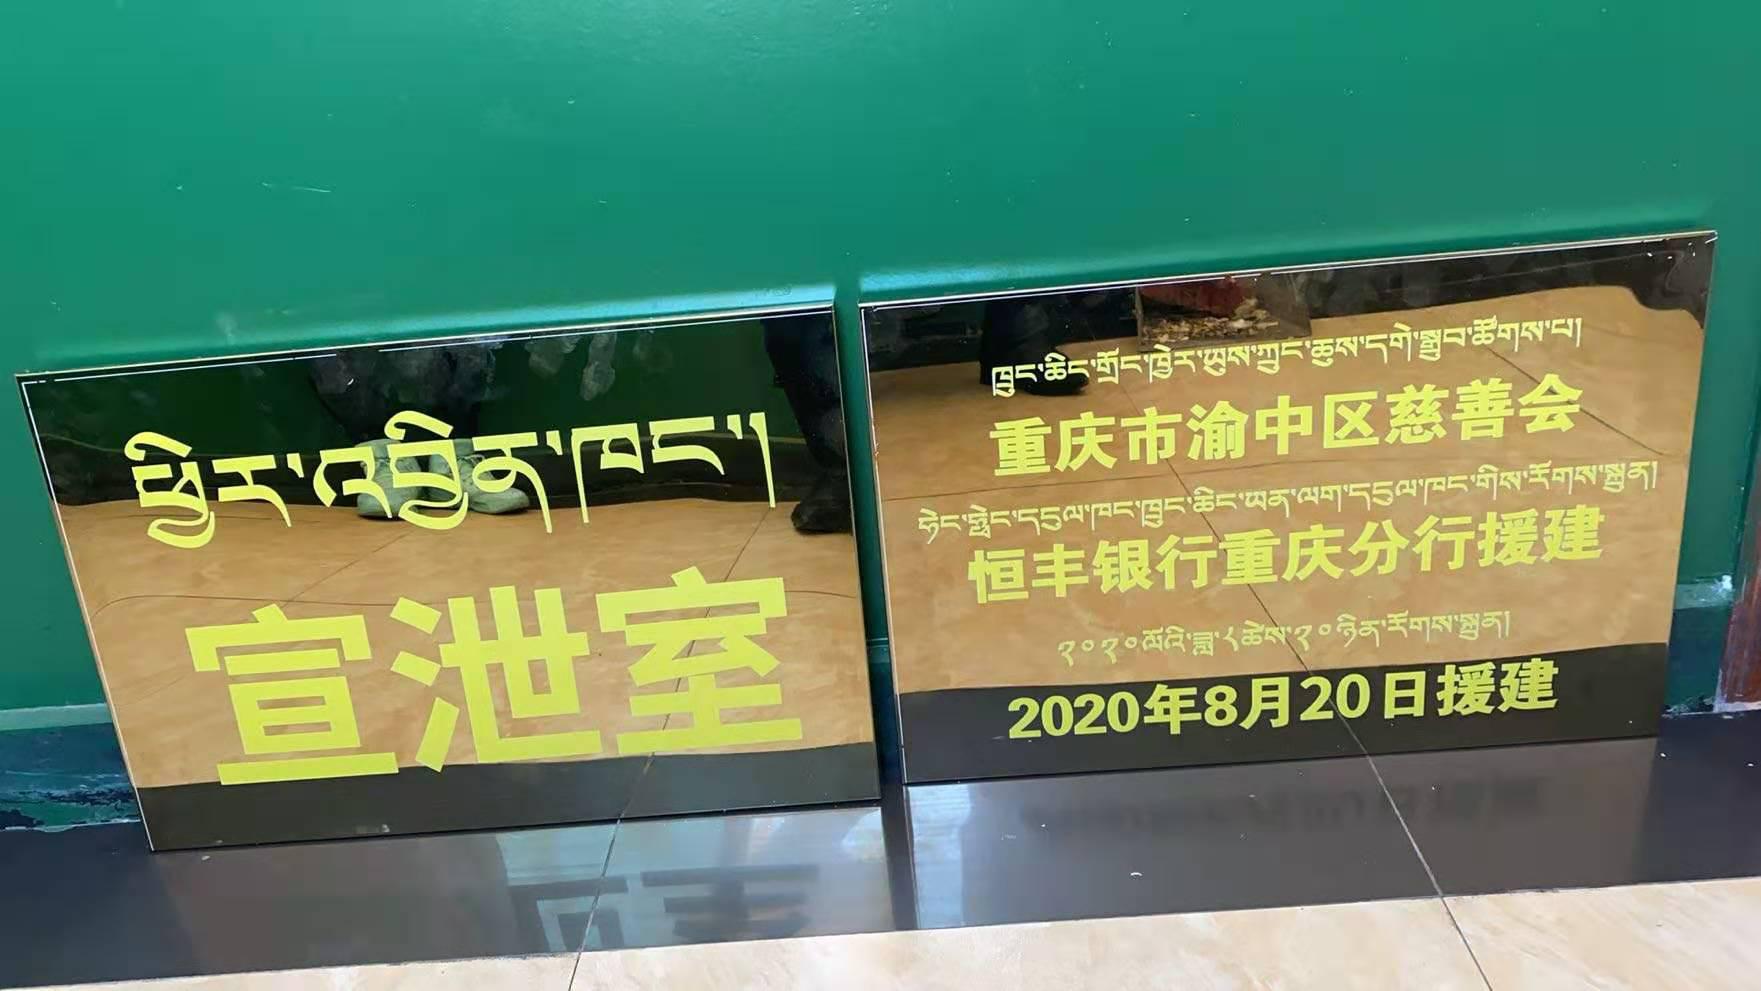 恒丰银行重庆分行联合重庆市渝中区慈善会开展援助西藏昌都第二儿童福利院活动